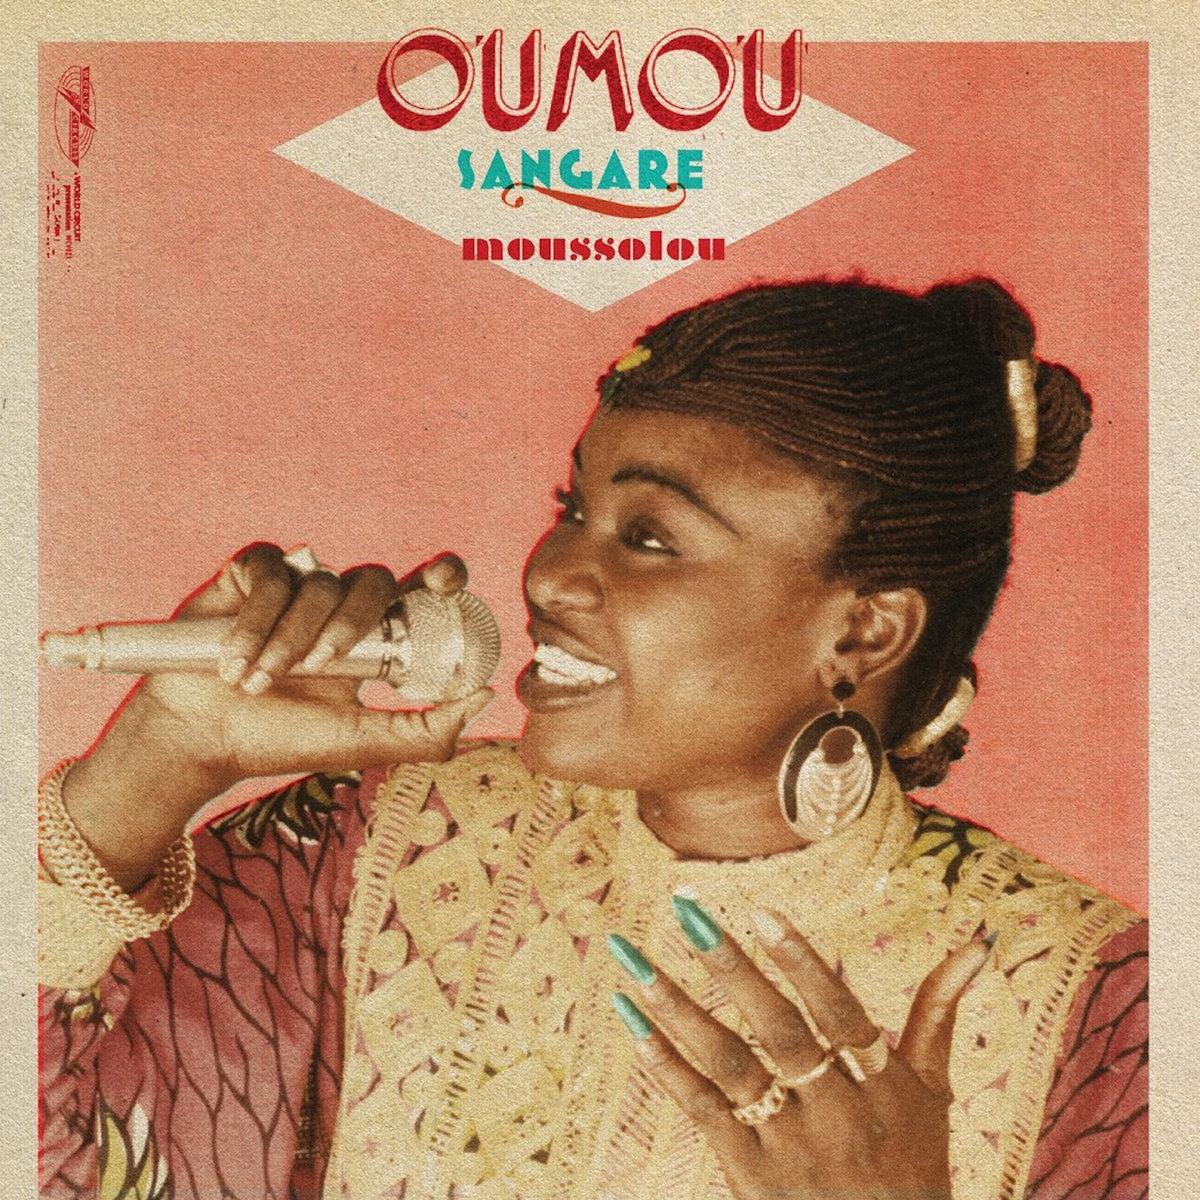 Oumou Sangaré - Moussolou (CD) - World Circuit Records